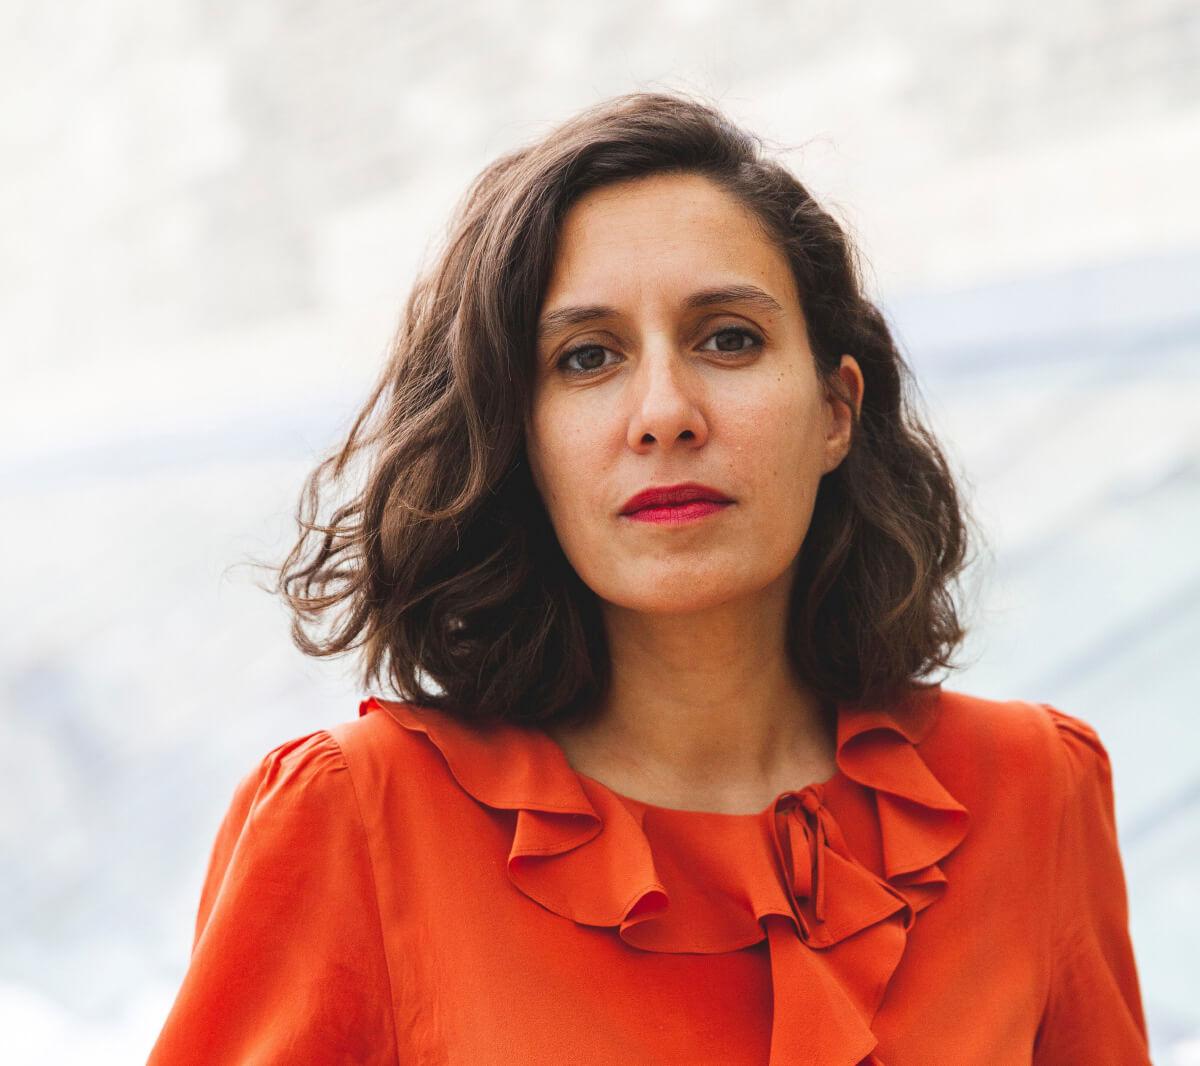 Arquiteta portuguesa Mariana Pestana é a curadora da Bienal de Design de Istambul